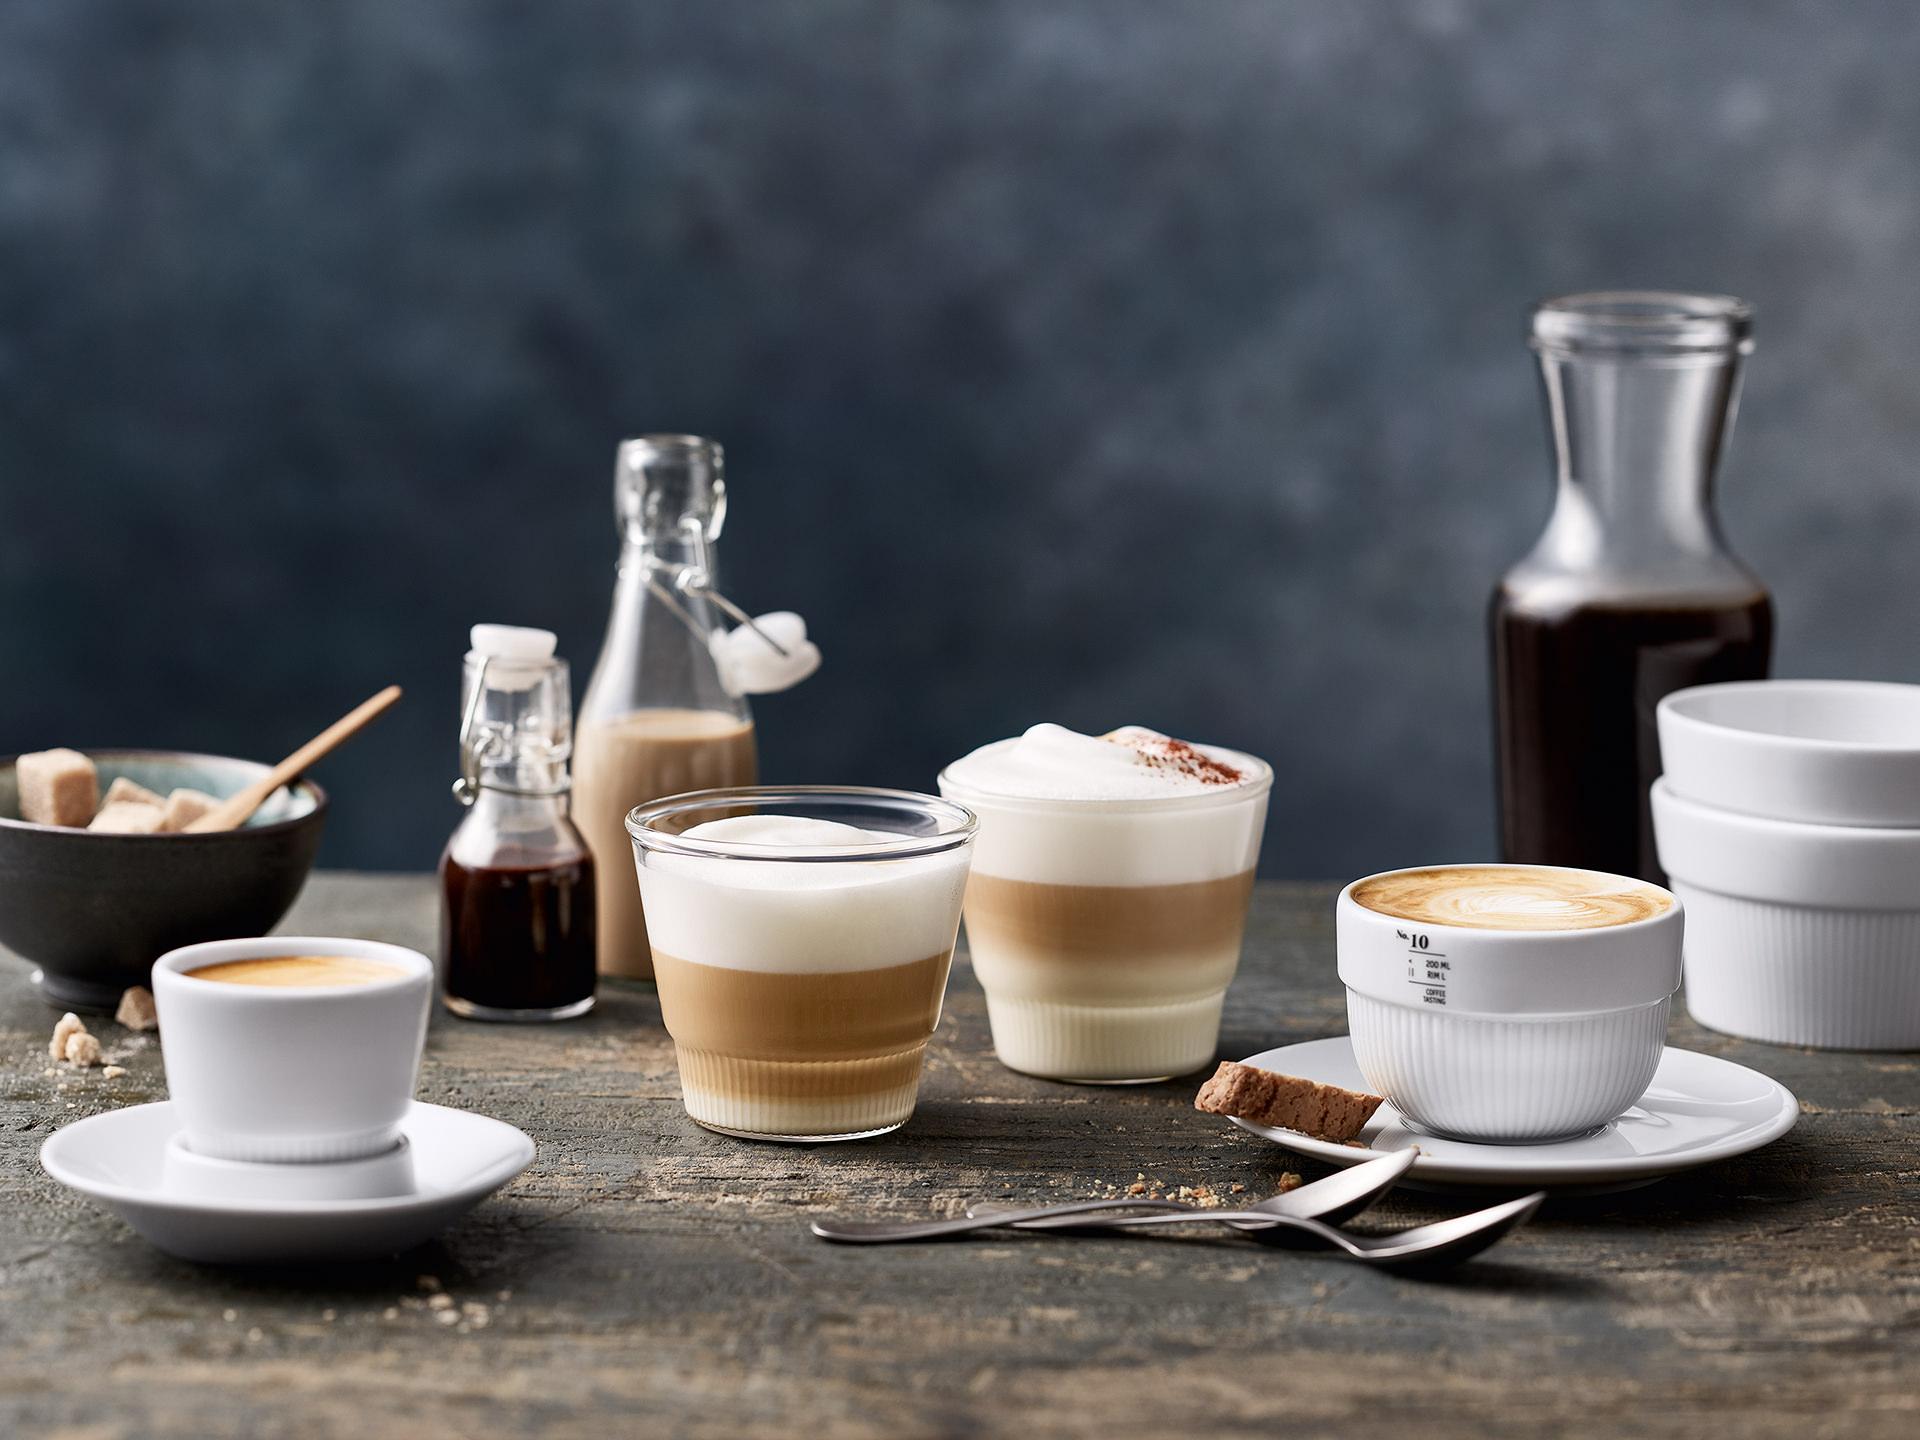 kaffee-variationen-perfekt-tisch